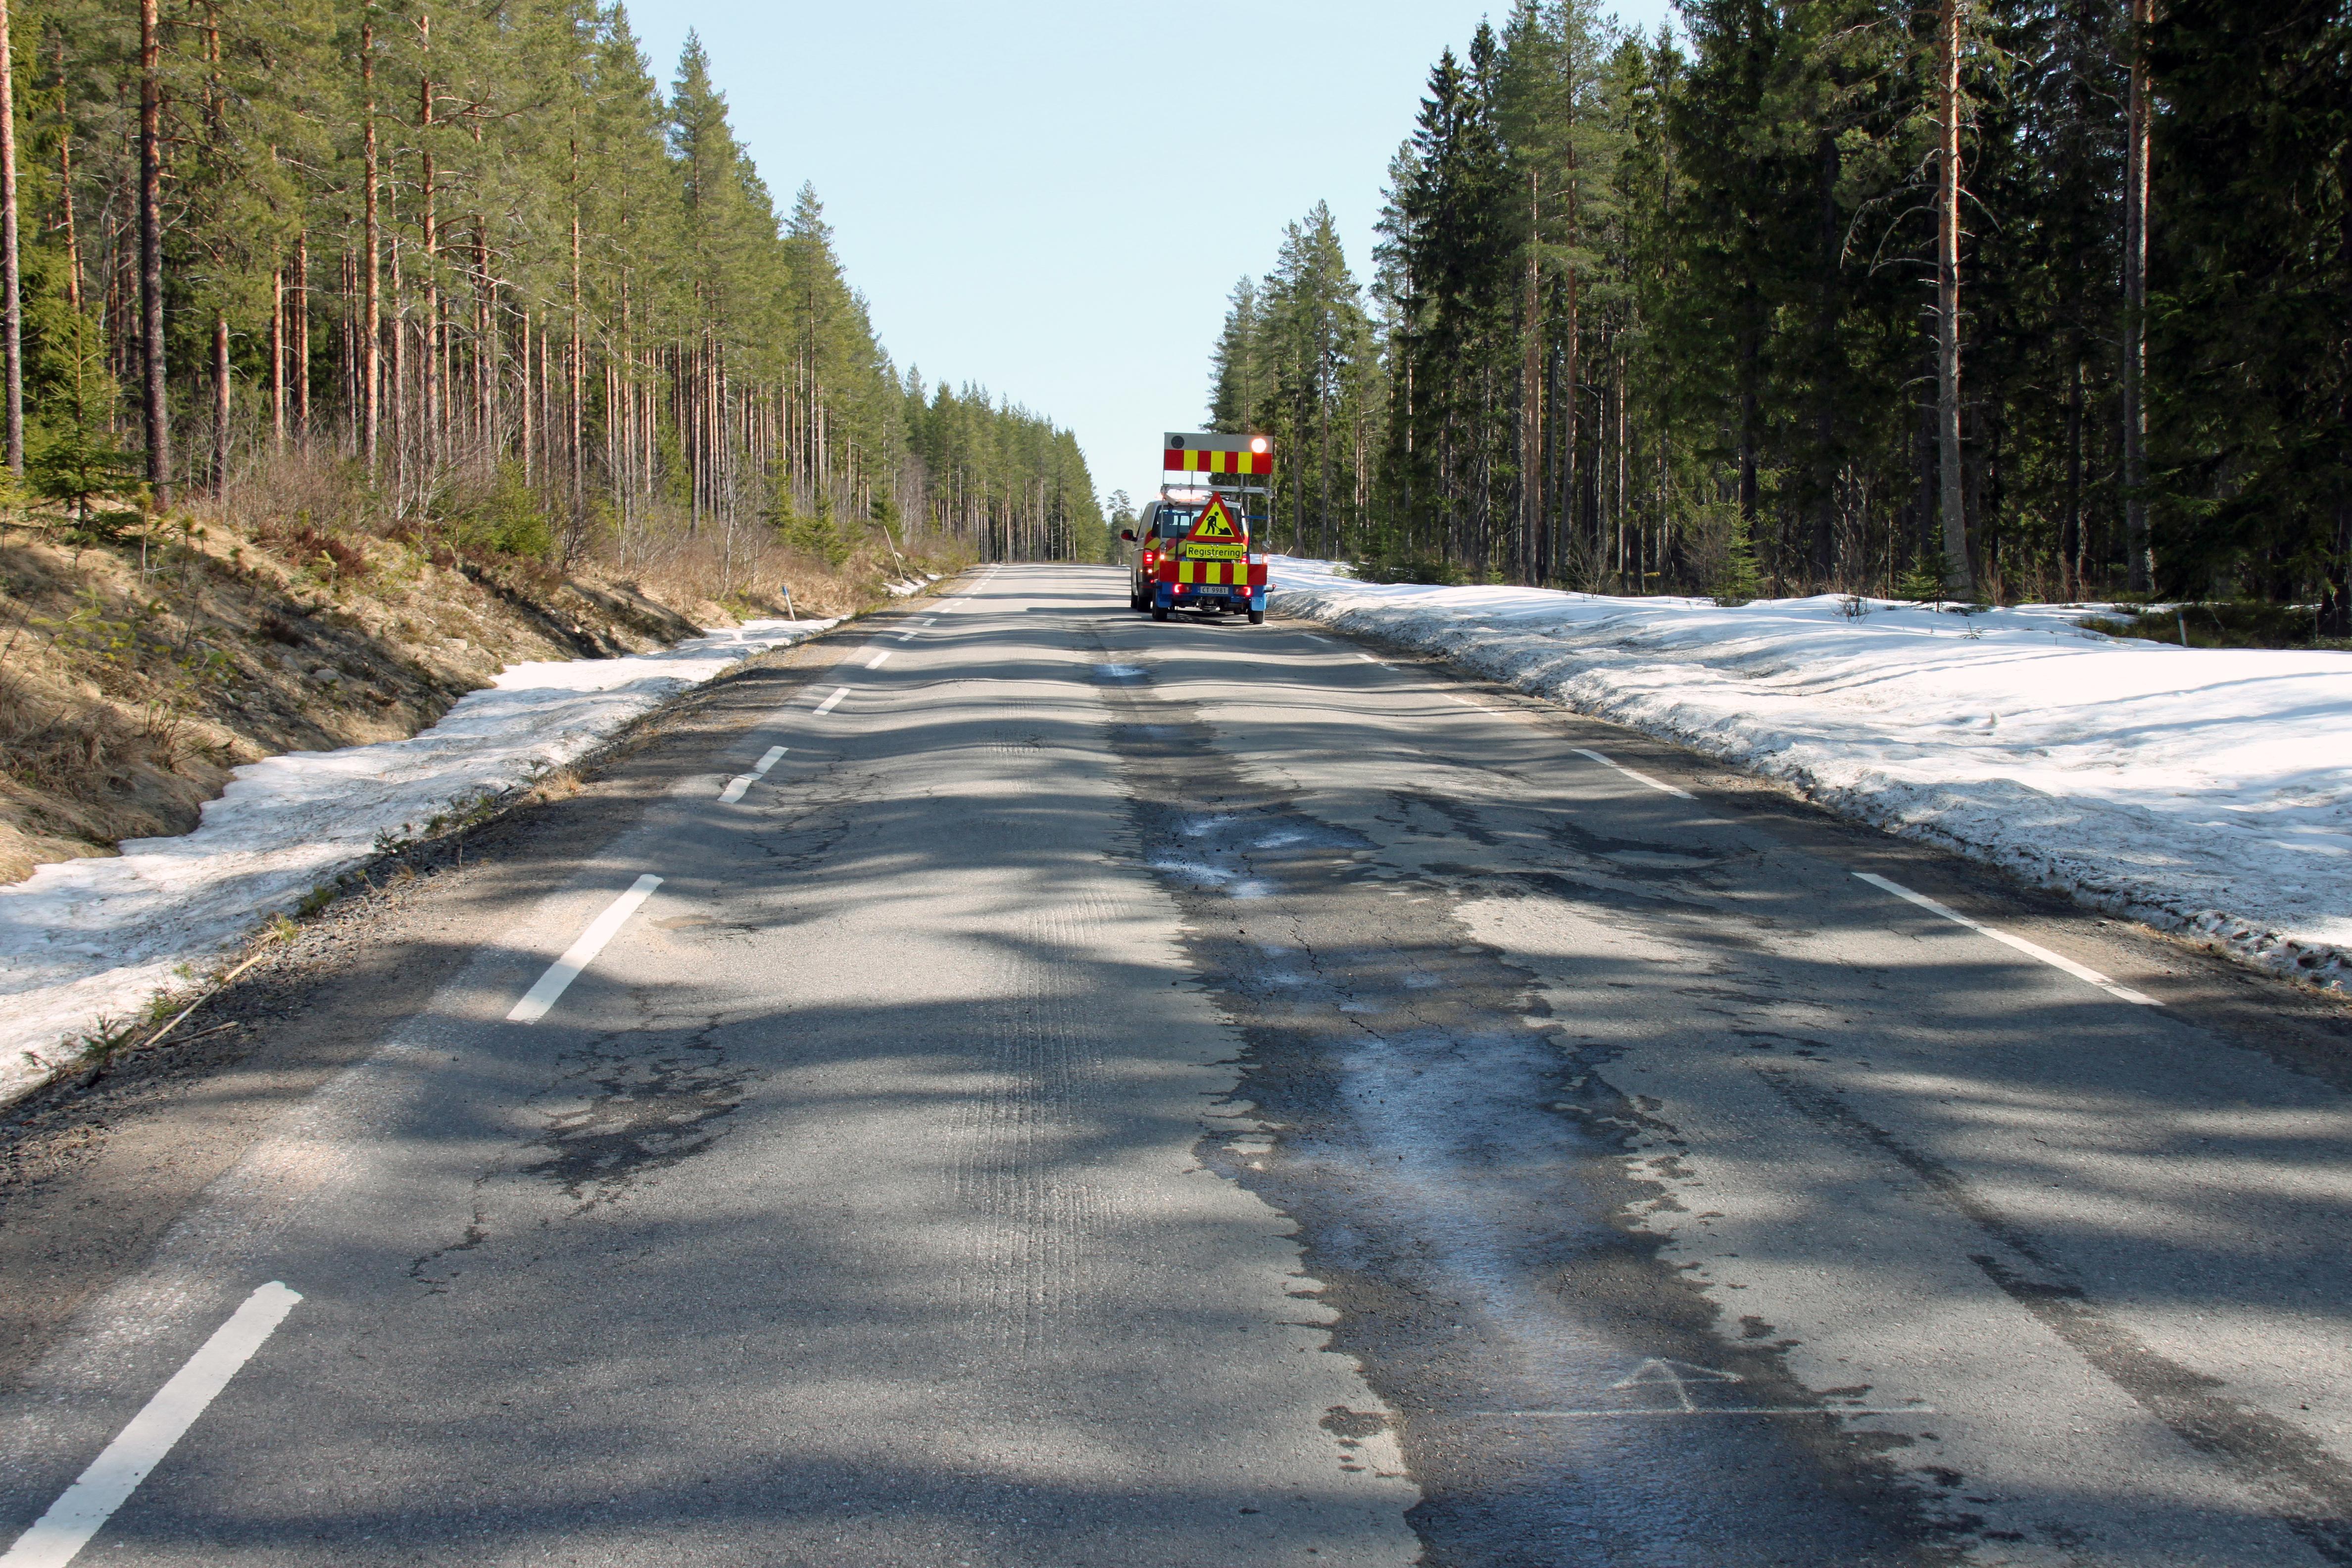 Veistandard og antall akslinger har stor betydning for veiens bæreevne